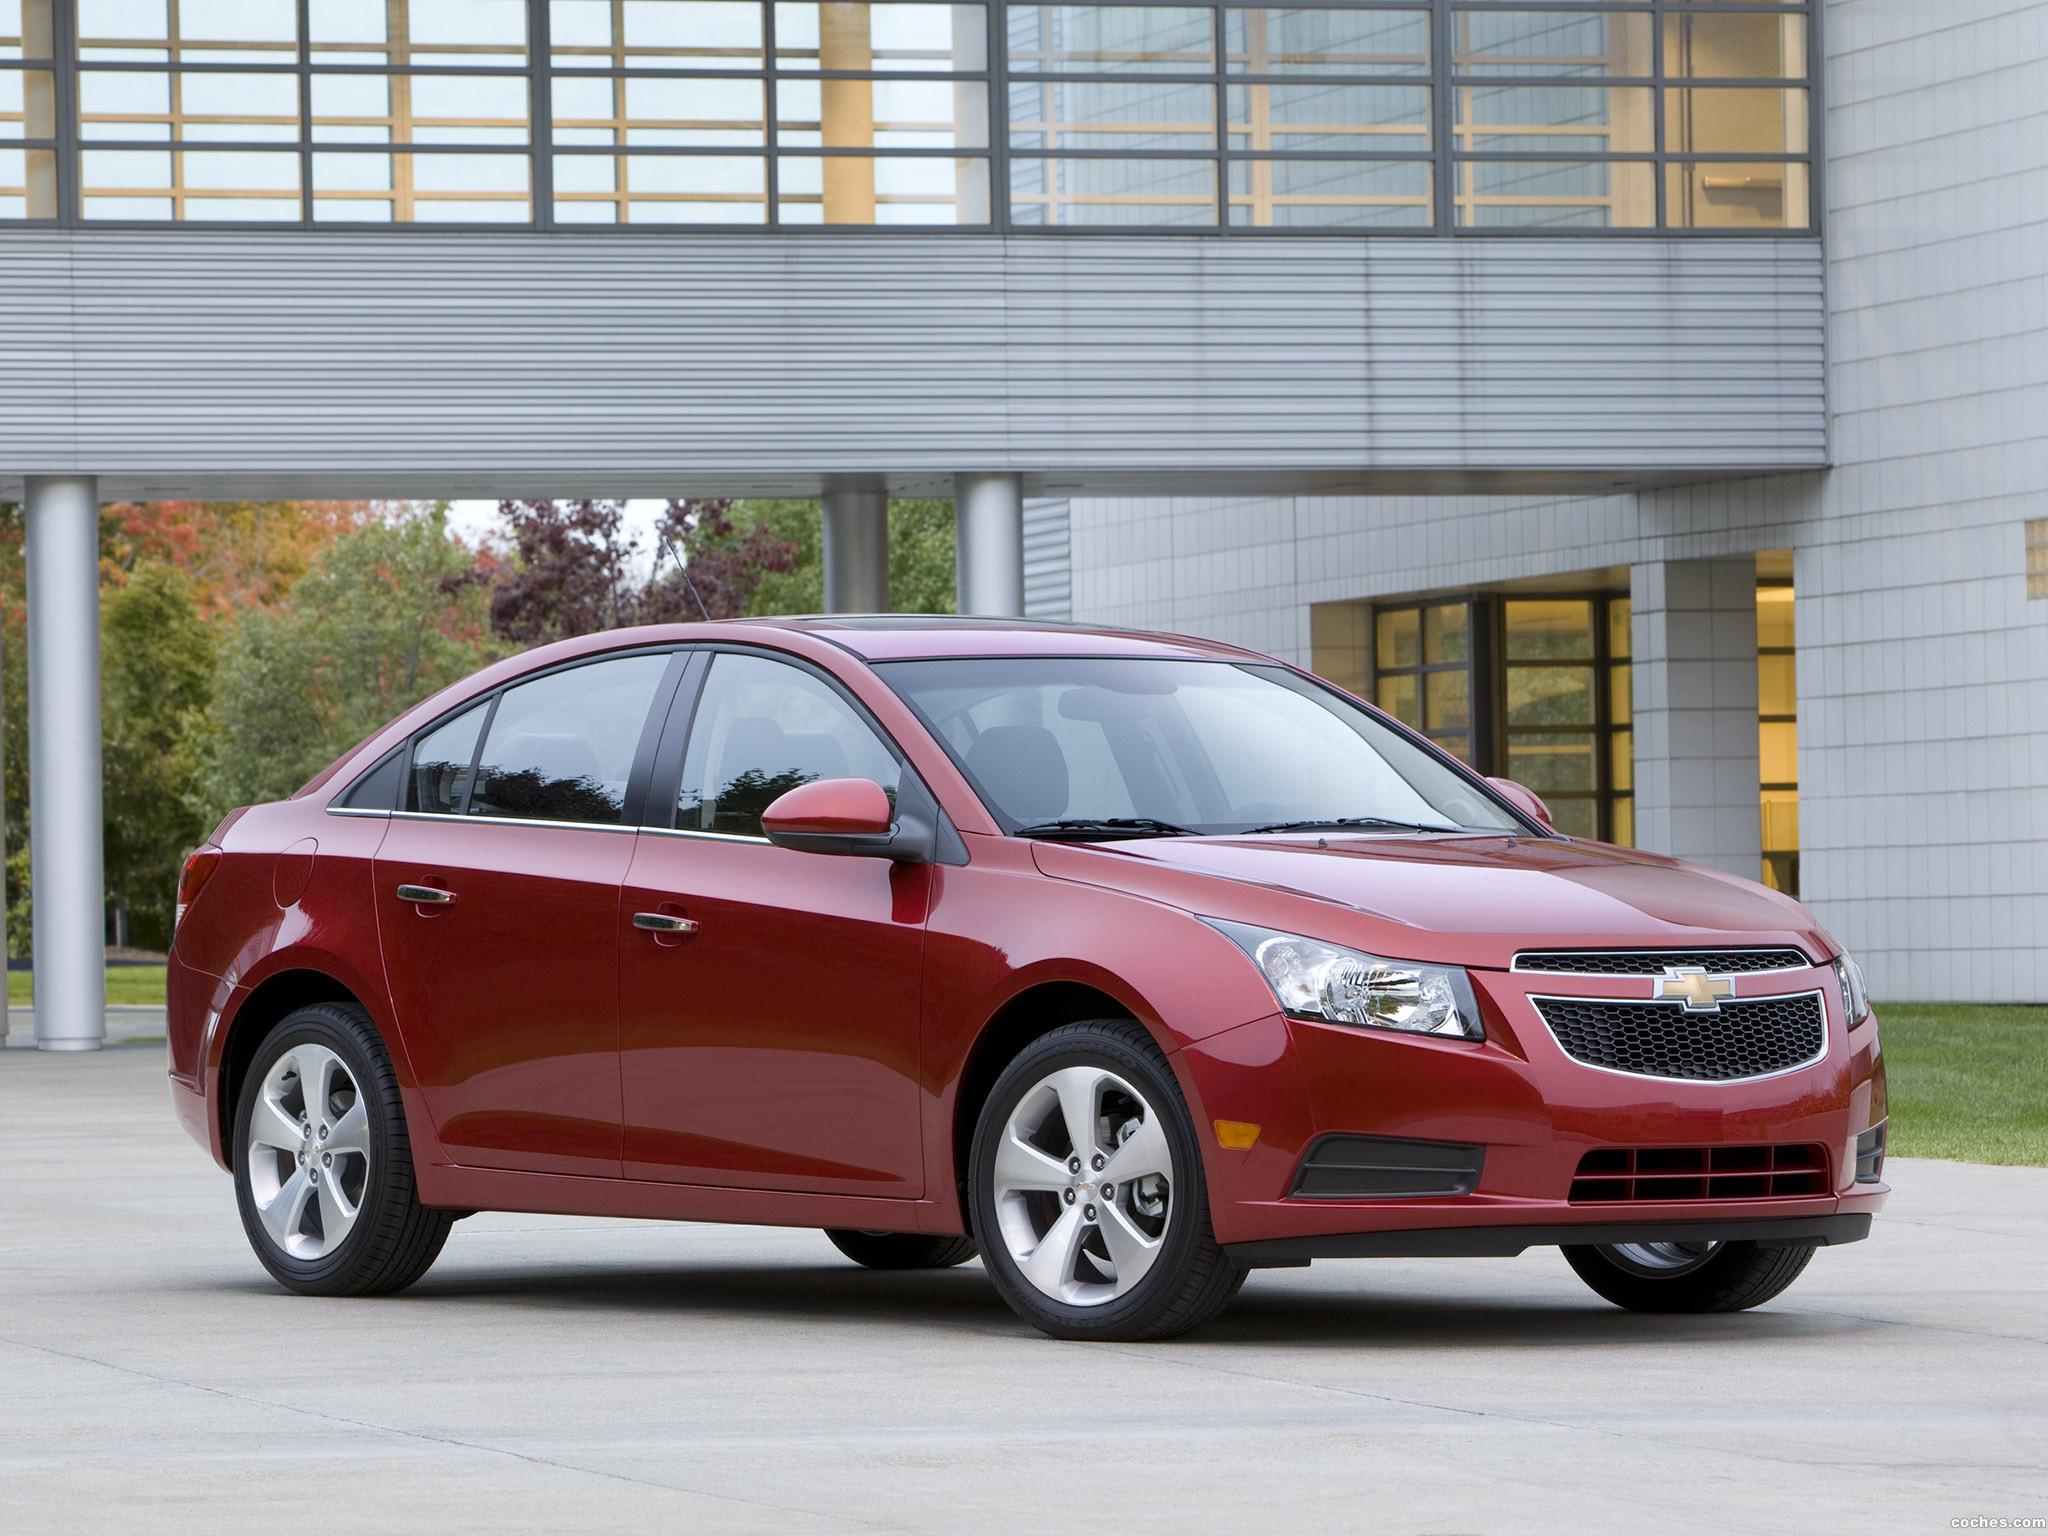 Foto 0 de Chevrolet Cruze USA 2010